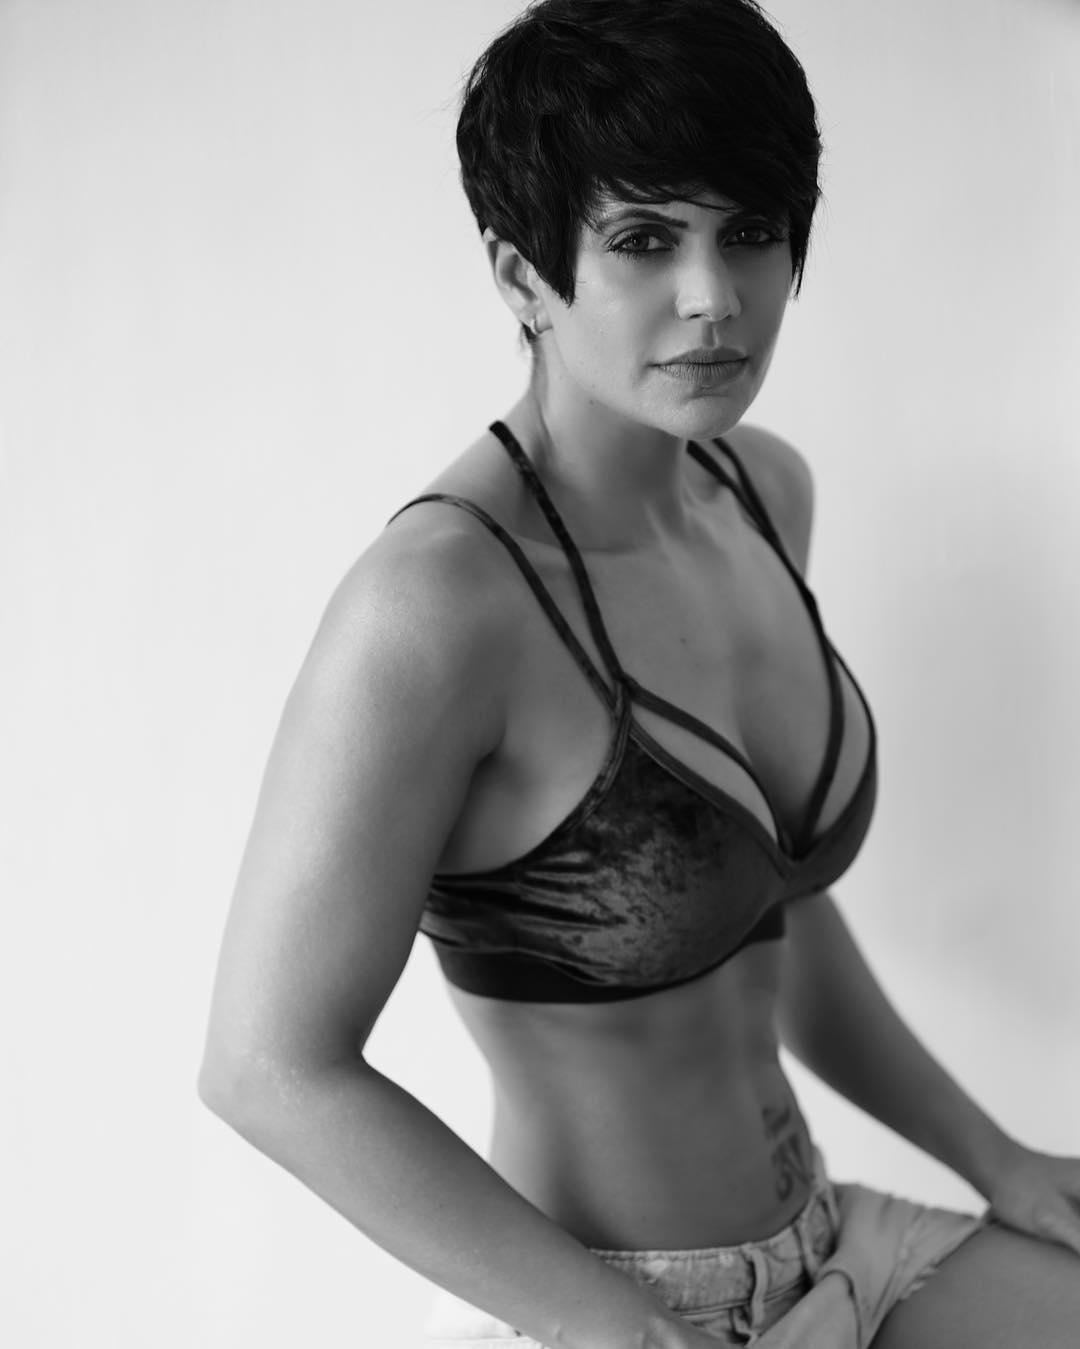 mandira-bedi-posing-in-bikini